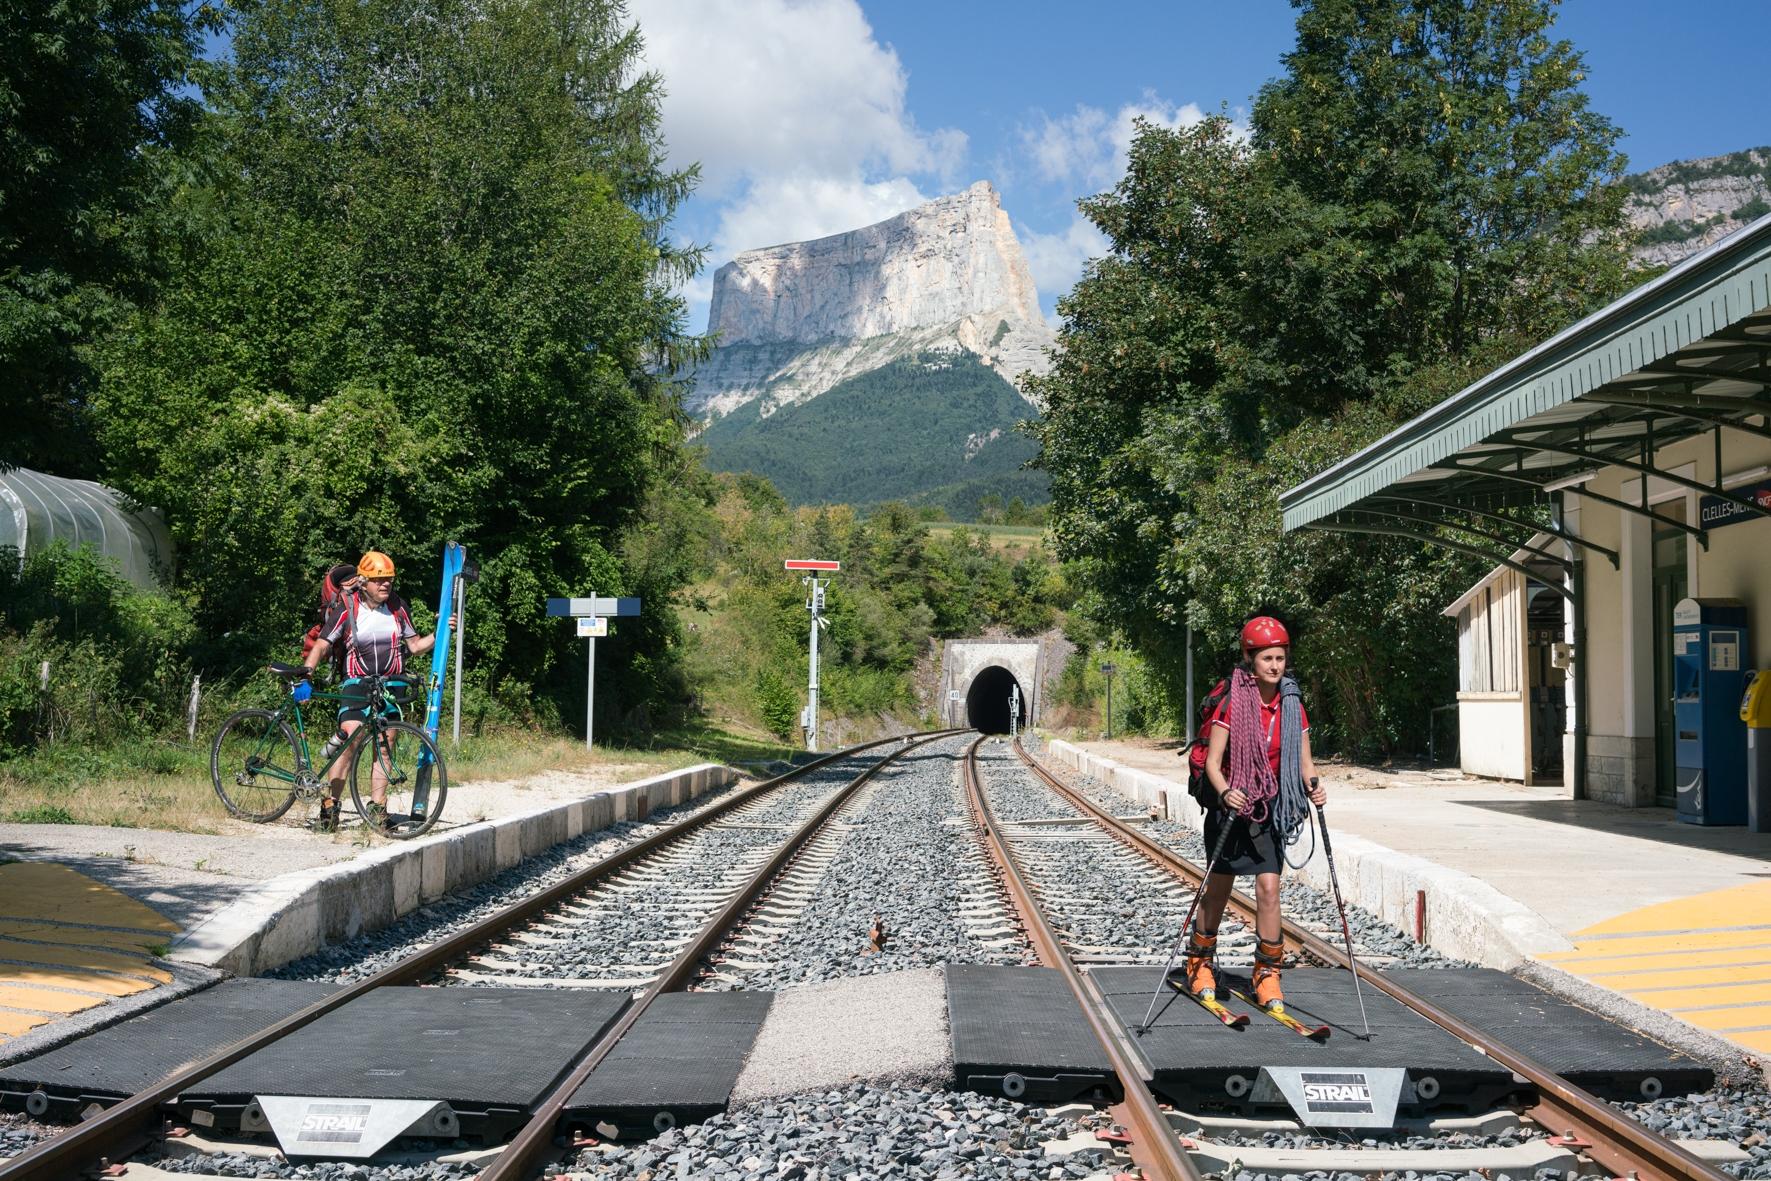 C'est l'horizon.Prendre le Grenoble-Clelles et jouer à cache-tunnel avec le Mont Aiguille. Explorer le Vercors à vélo, à cheval ou sur des skis. Tant qu'il y aura des rails, tant qu'il y aura de la neige. Se tenir prête à ajuster sa monture aux transhumances du futur. Dessiner les Terra Incognita de nos cartes sensibles, écrire notre Vercors rêvé, se mettre en route pour le créer.Sur le quai, nous avons rencontré Aurore, une agent de la SNCF qui écrit des romans de science-fiction et Michel, qui rêvait d'être chef de gare et vient chaque jour respirer le parfum sonore de la gare de Clelles.